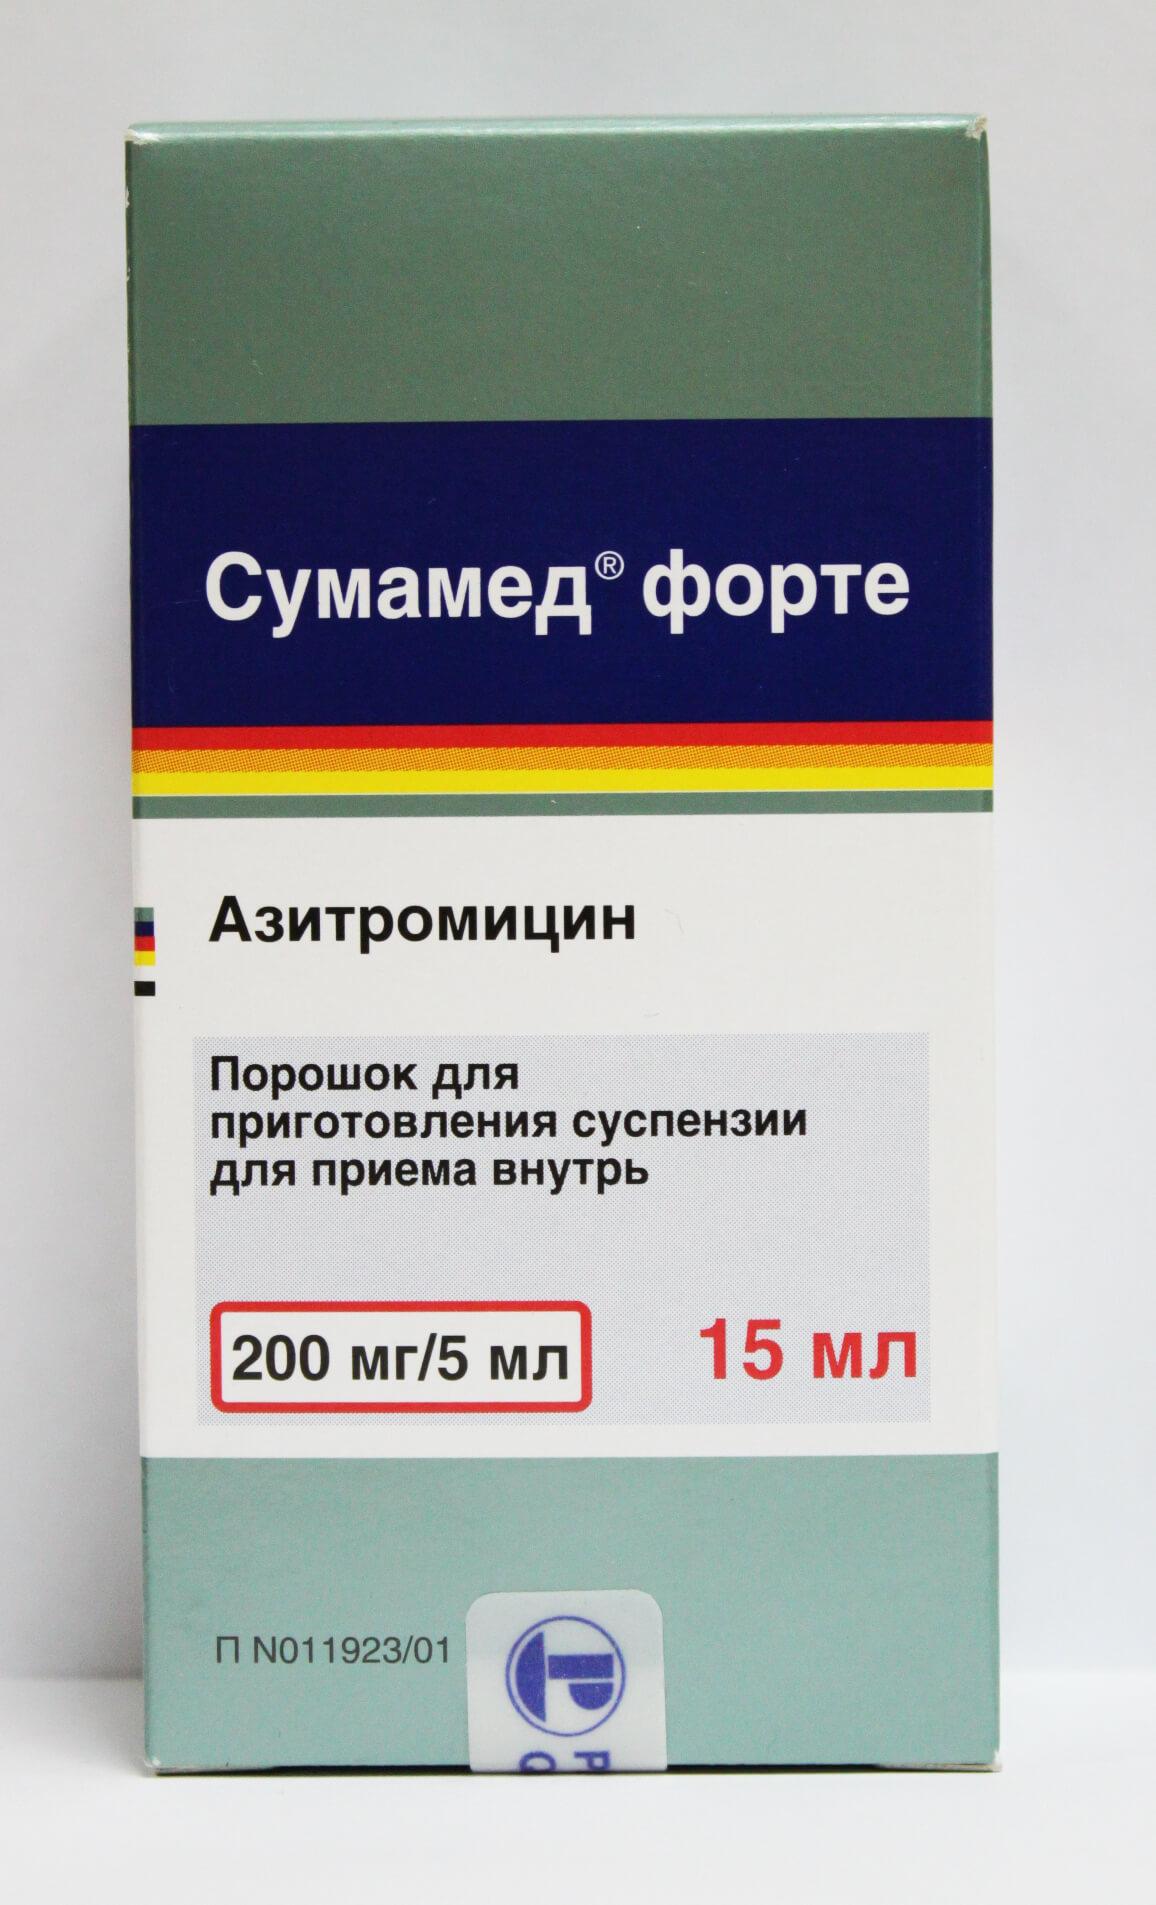 Как принимать Сумамед — дозировка и фармакологические особенности препарата